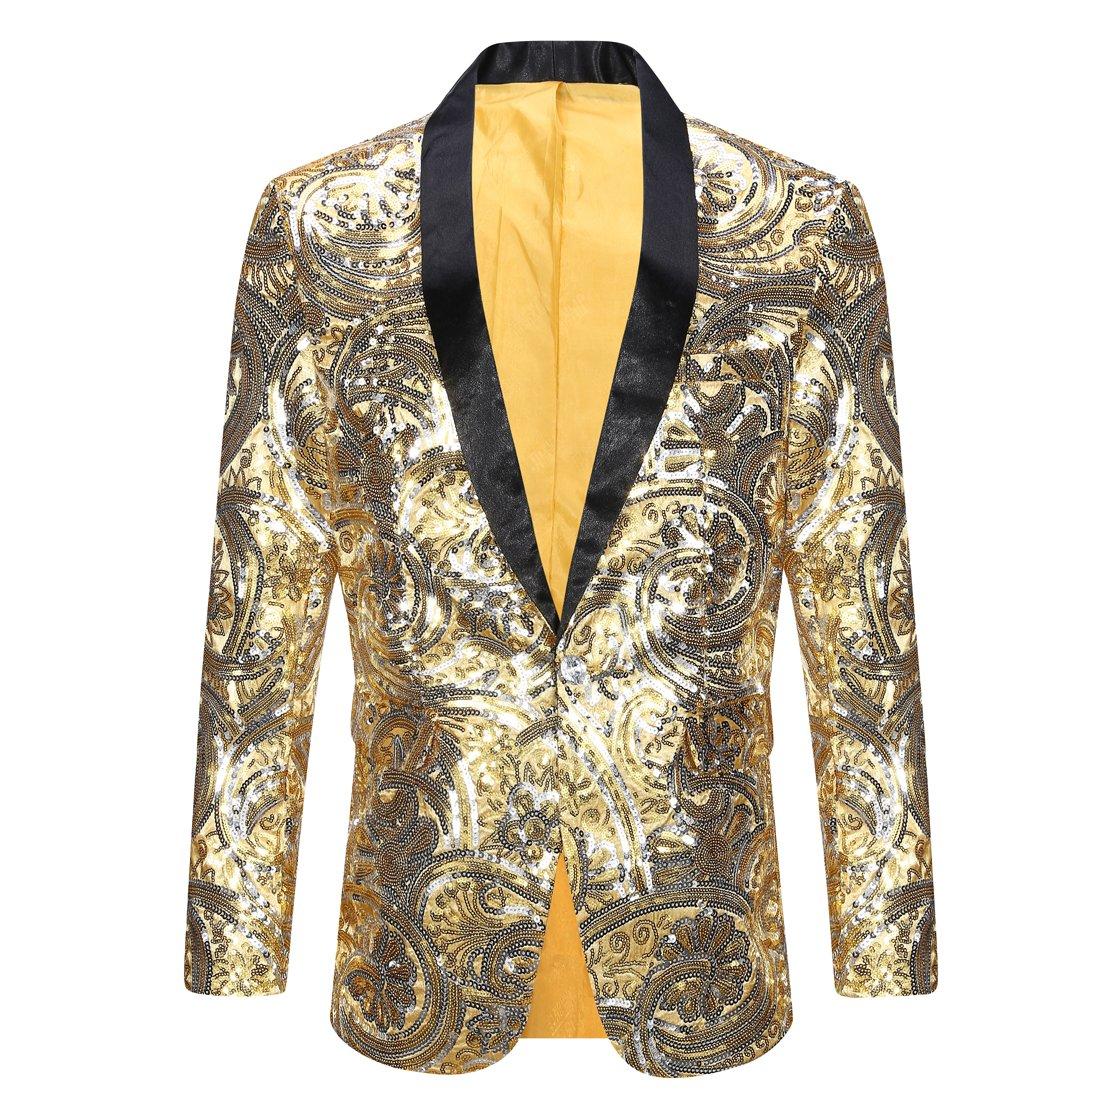 PYJTRL Men's Pink Gold Flower Pattern Wedding Groom Singer Sequins Suit Jacket (Gold, Tag M (US XS) Chest 37'') by PYJTRL